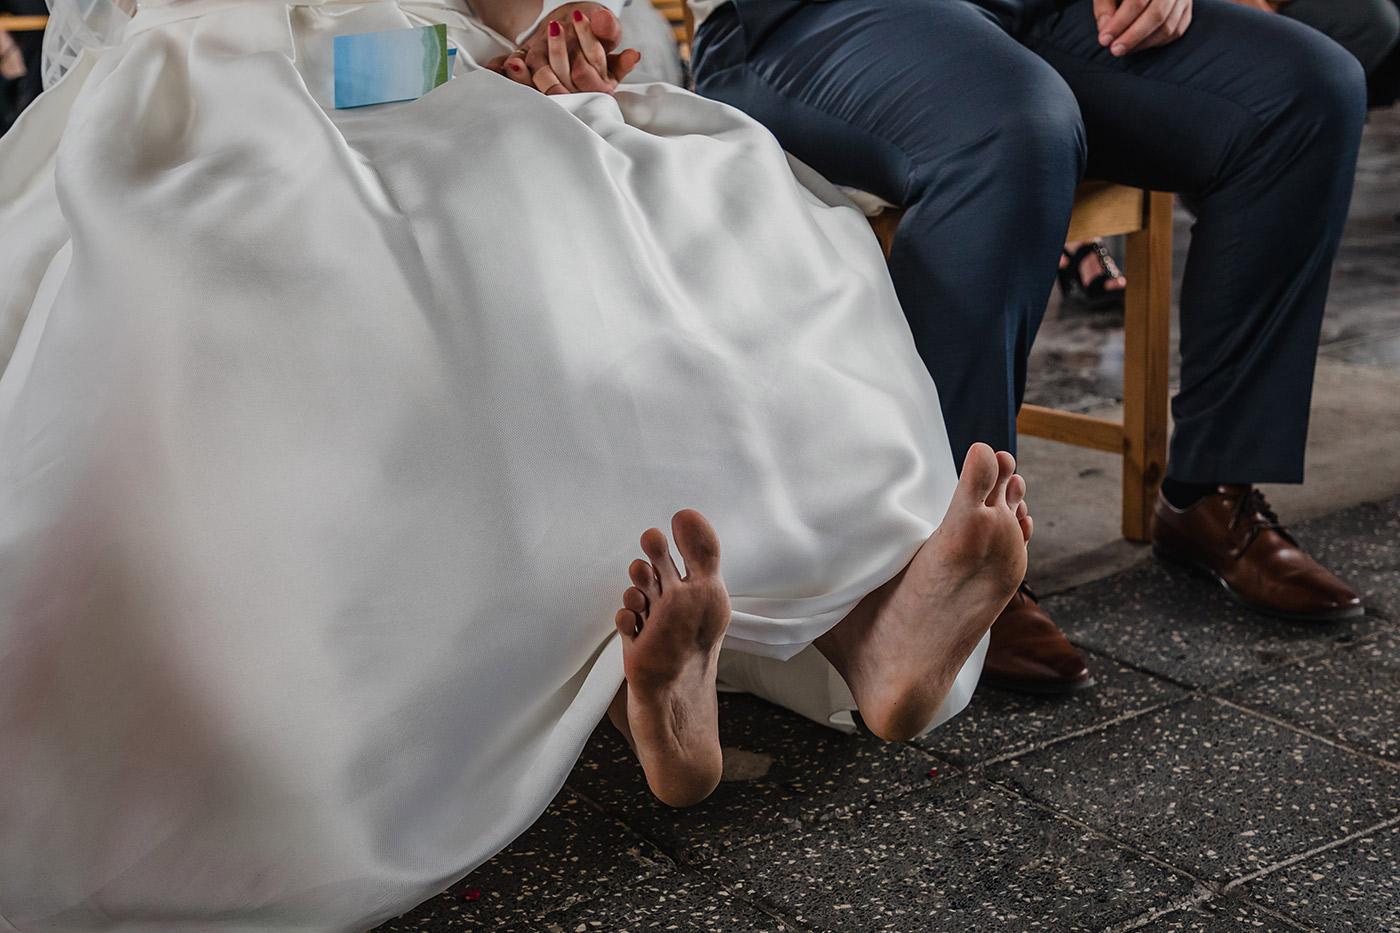 hochzeit_hochzeitsreportage_kokerei_hansa_dortmund_maschinenhalle_Hochzeitsreportage_hochzeitsfotograf_lumoid_nadine_lotze_hagen_ruhrgebiet_freie_trauung_hitze_barfuss_hochzeitsfotografin